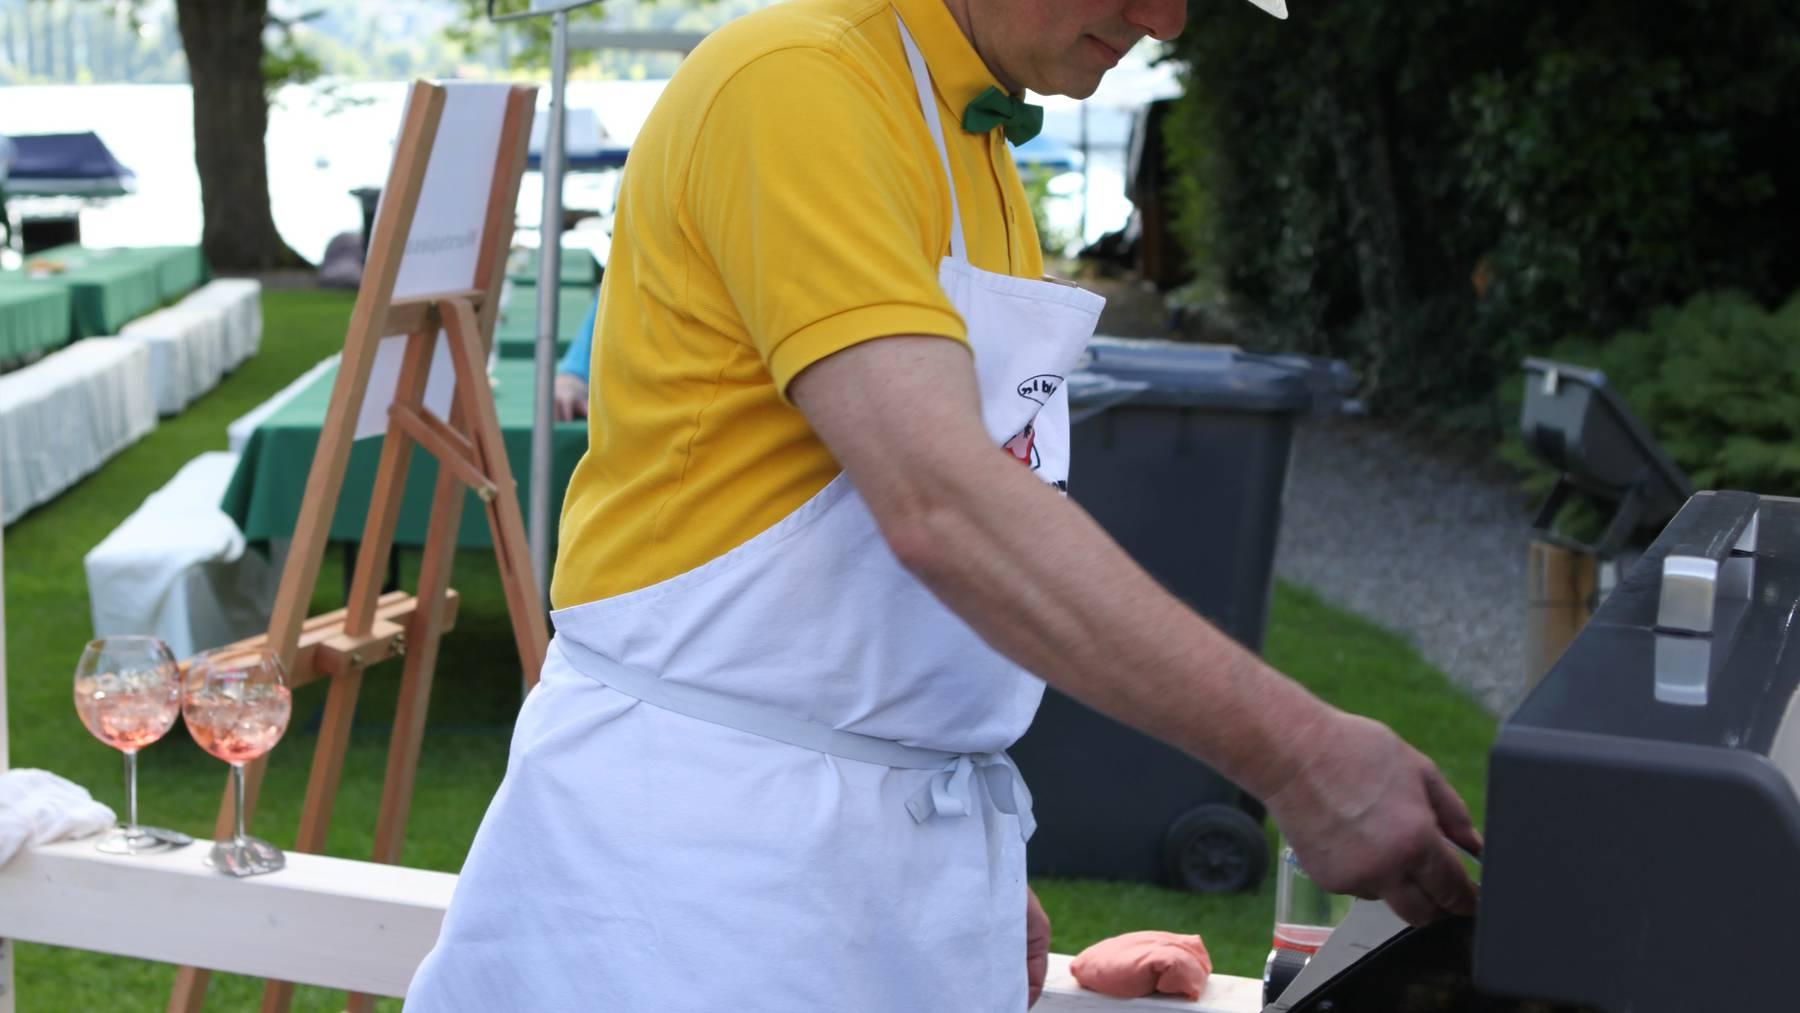 Grosses Coop-Grill-Schätzen: Gewinne eine Grill-Party!